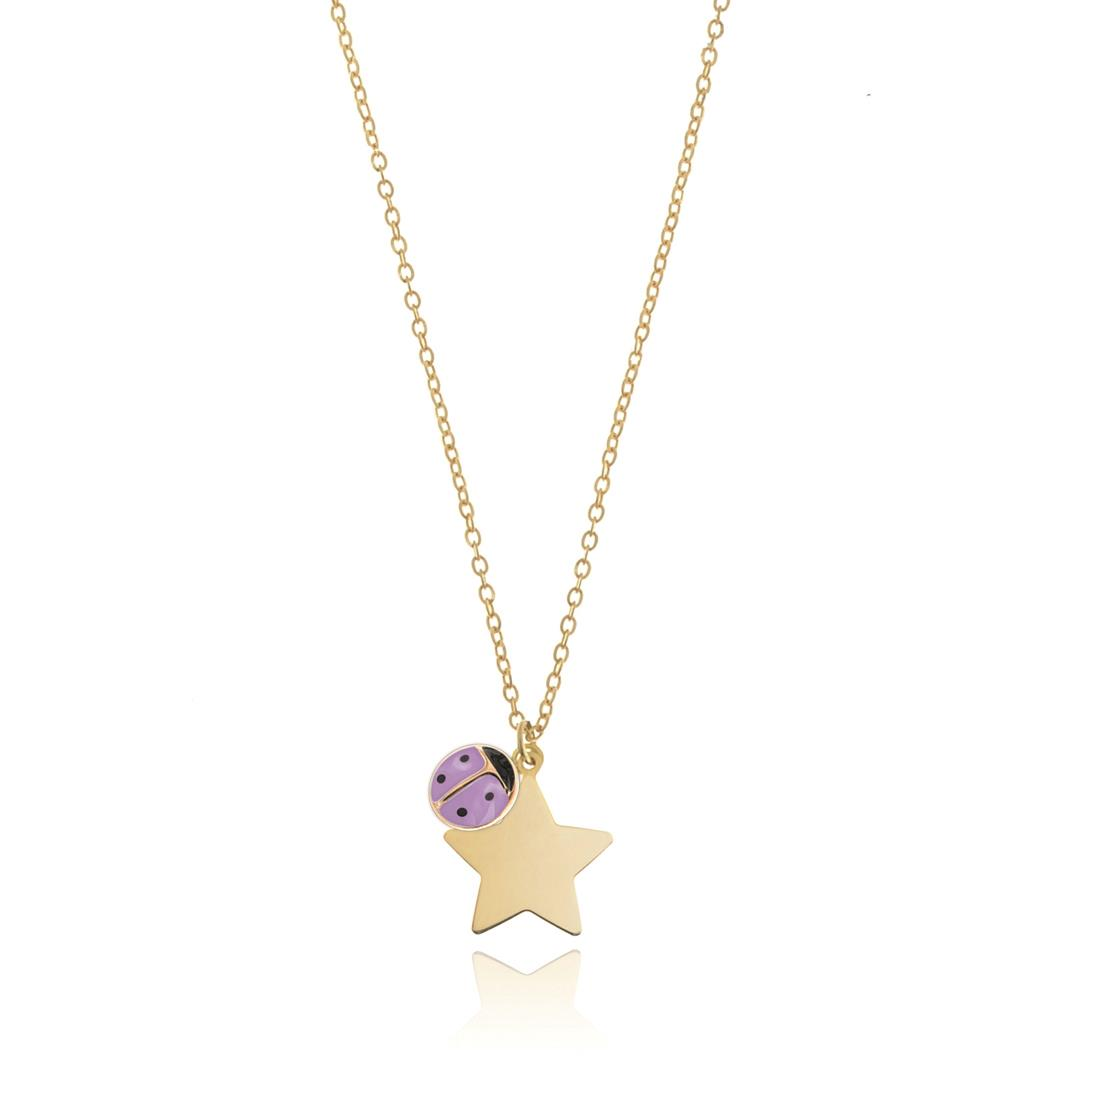 Collana in oro giallo 18 kt con pendente stella - ELLA